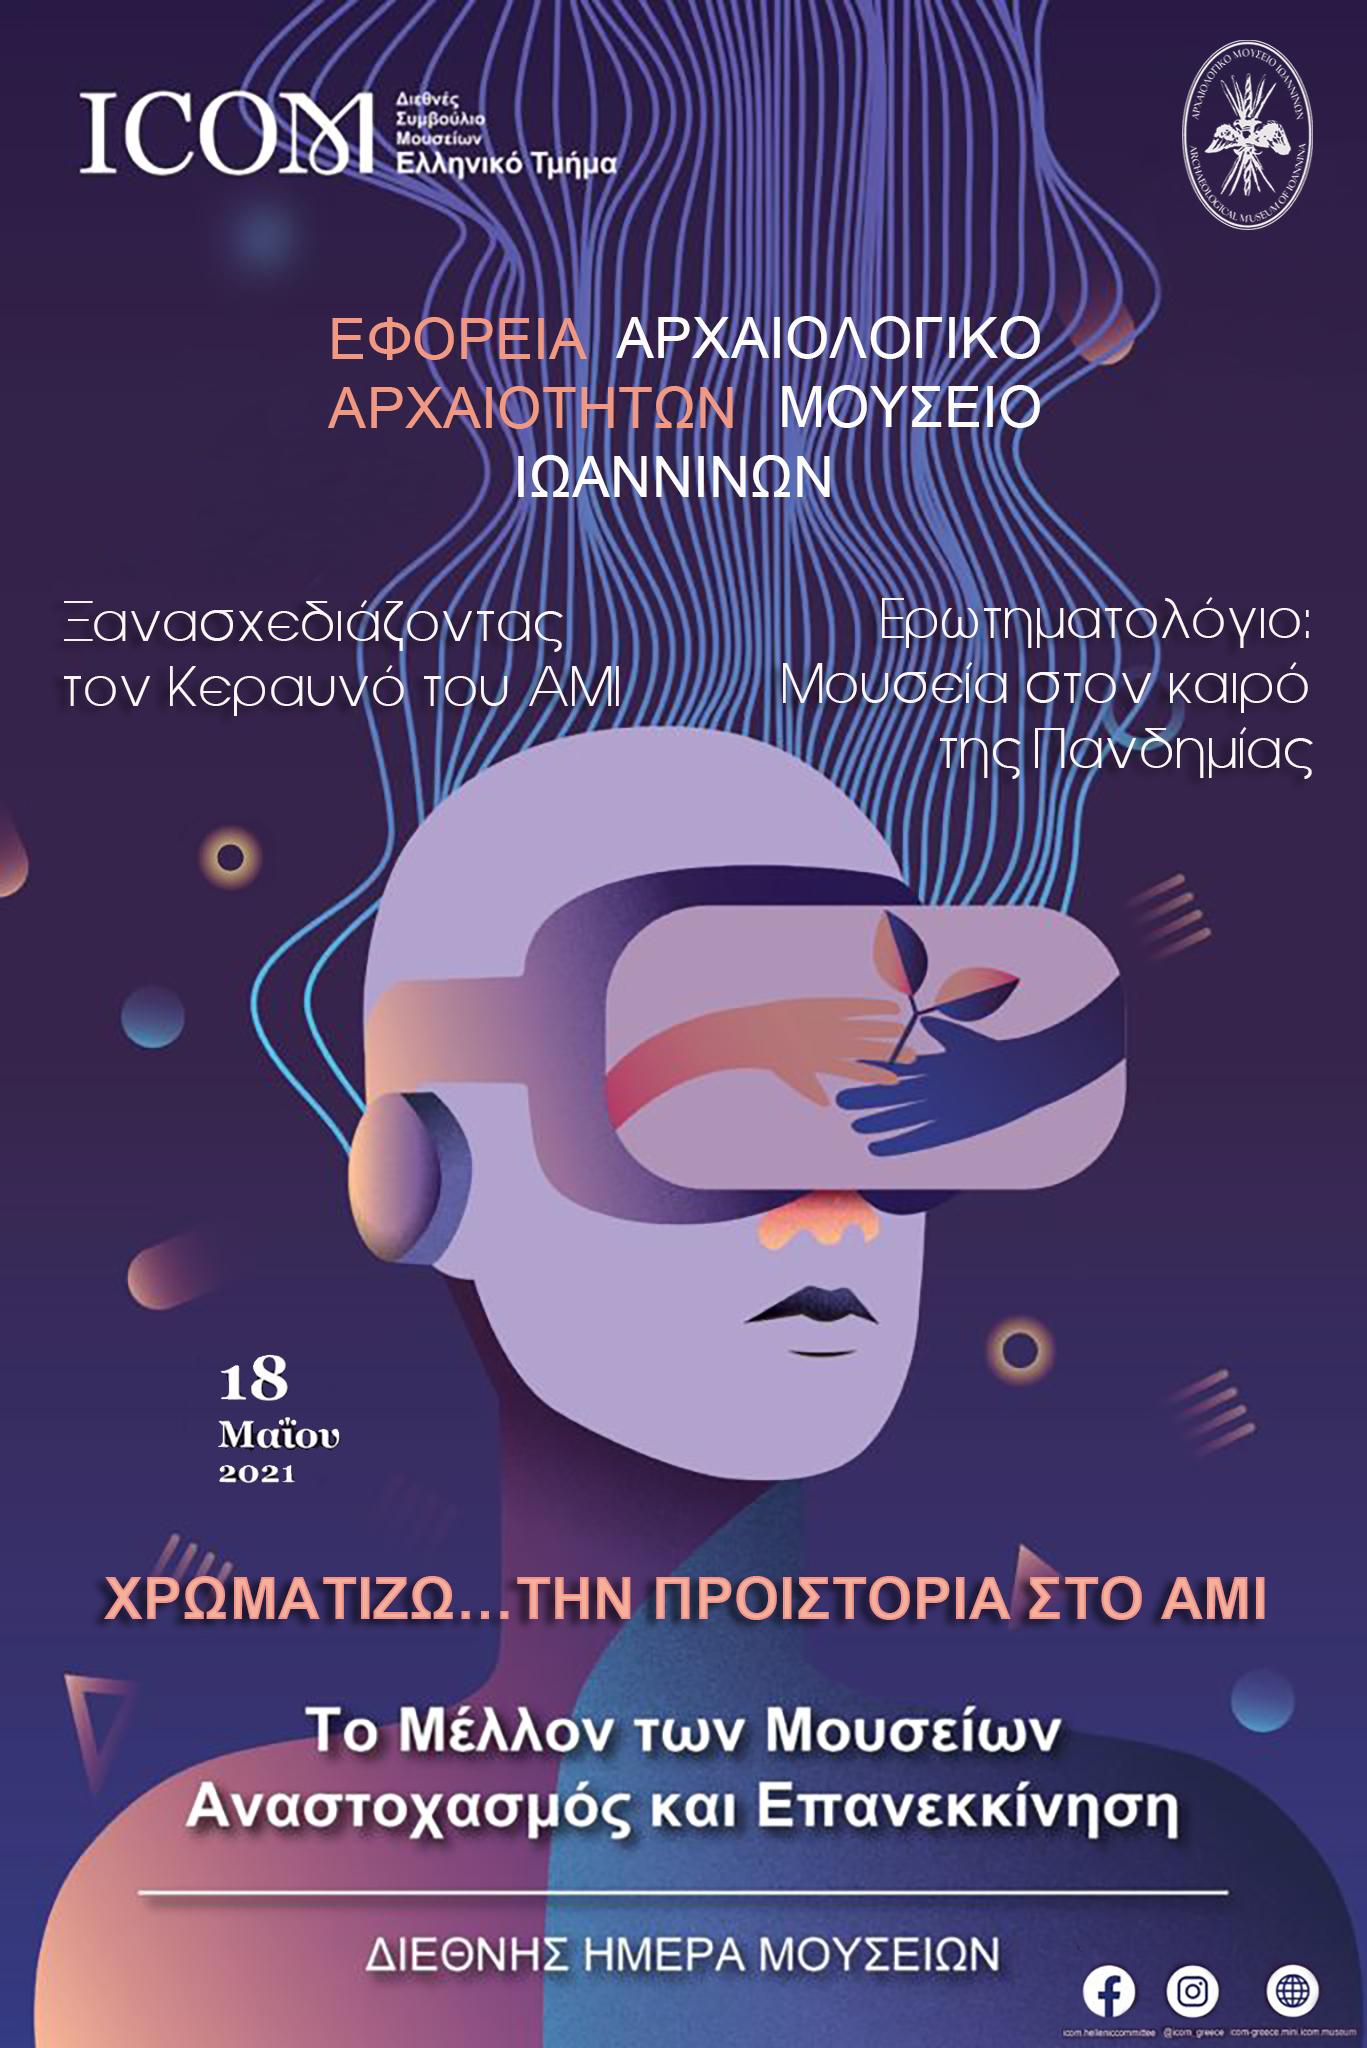 Εφορεία Αρχαιοτήτων Ιωαννίνων:   «Το Μέλλον των Μουσείων: Αναστοχασμός και Επανεκκίνηση»  την Τρίτη 18 Μαΐου